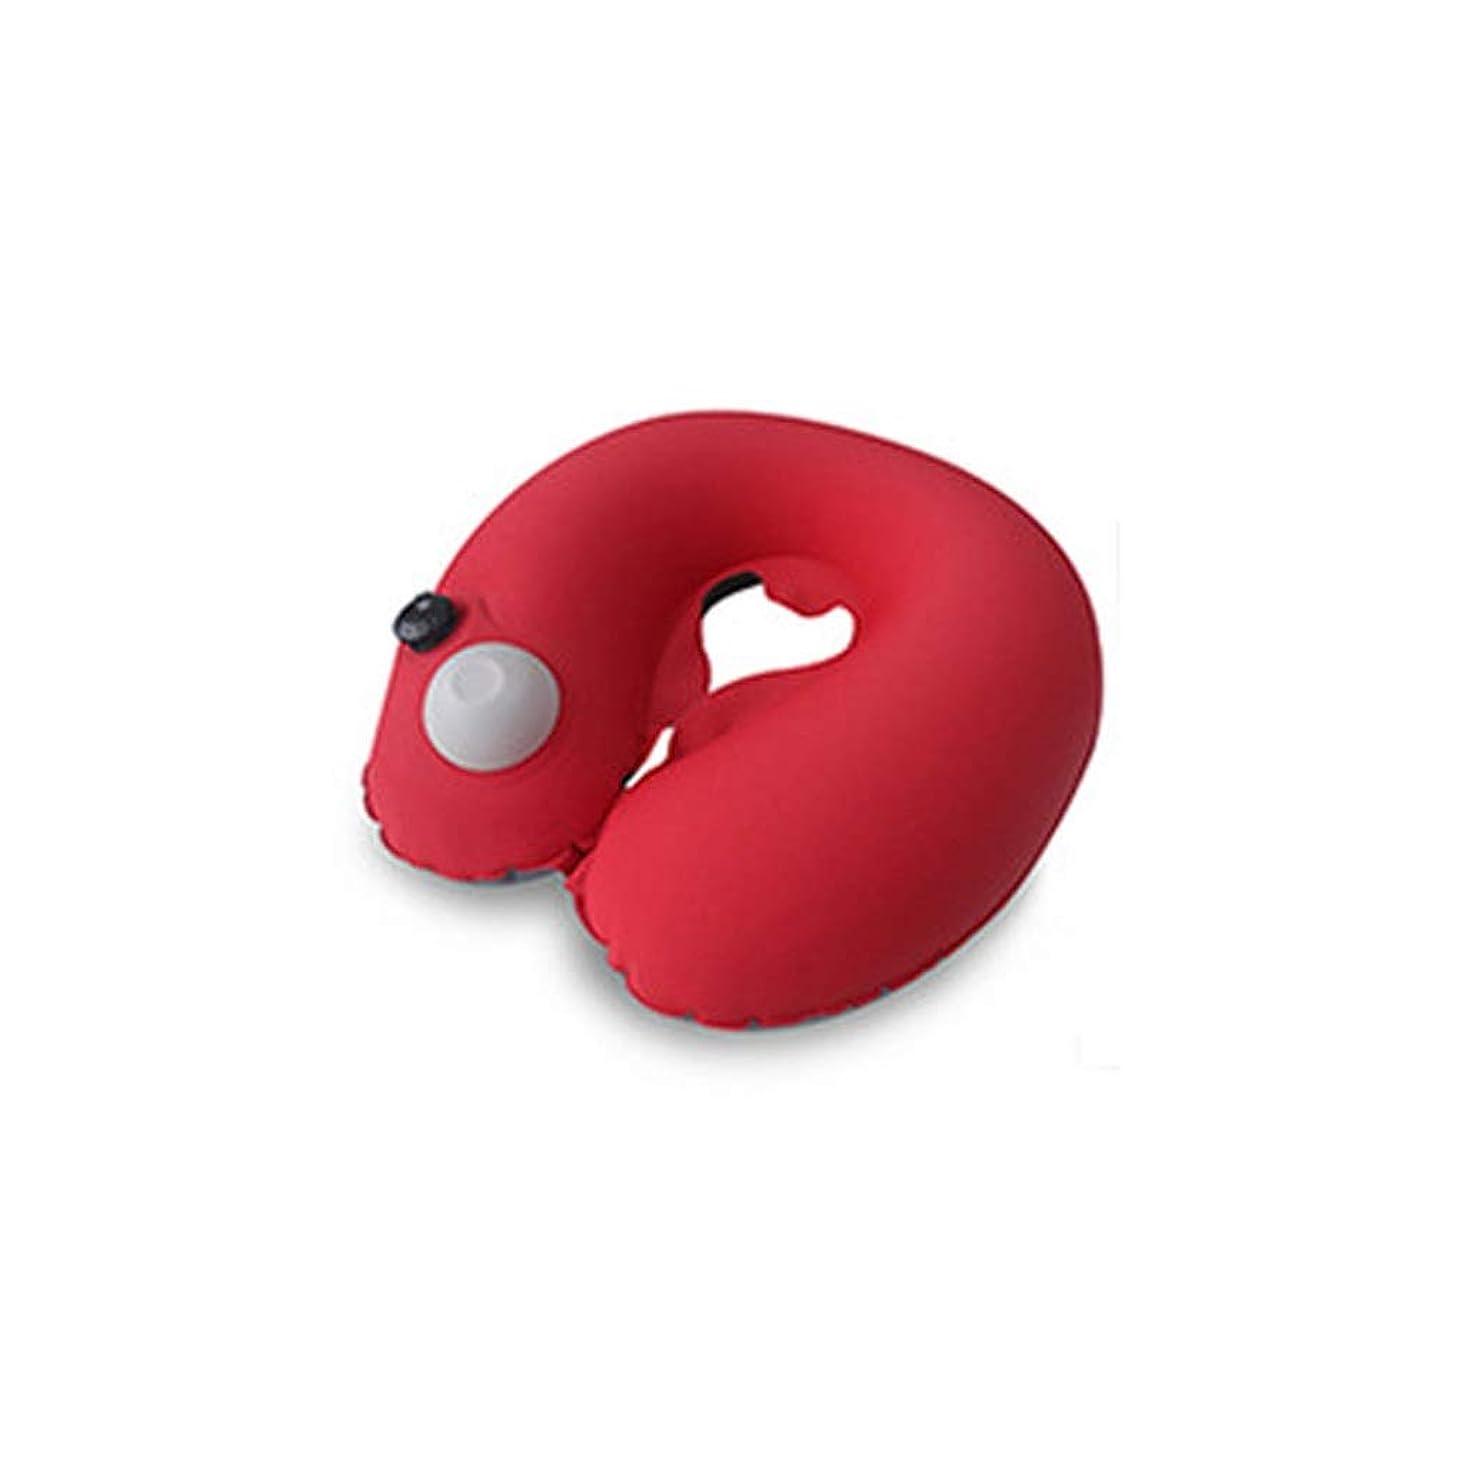 受取人ブルゴーニュ手のひらYYFRB U字型枕押されたインフレータブルトラベルネックピロー頚椎枕ポータブルクールオフィス仮眠枕 U字型枕 (Color : A)